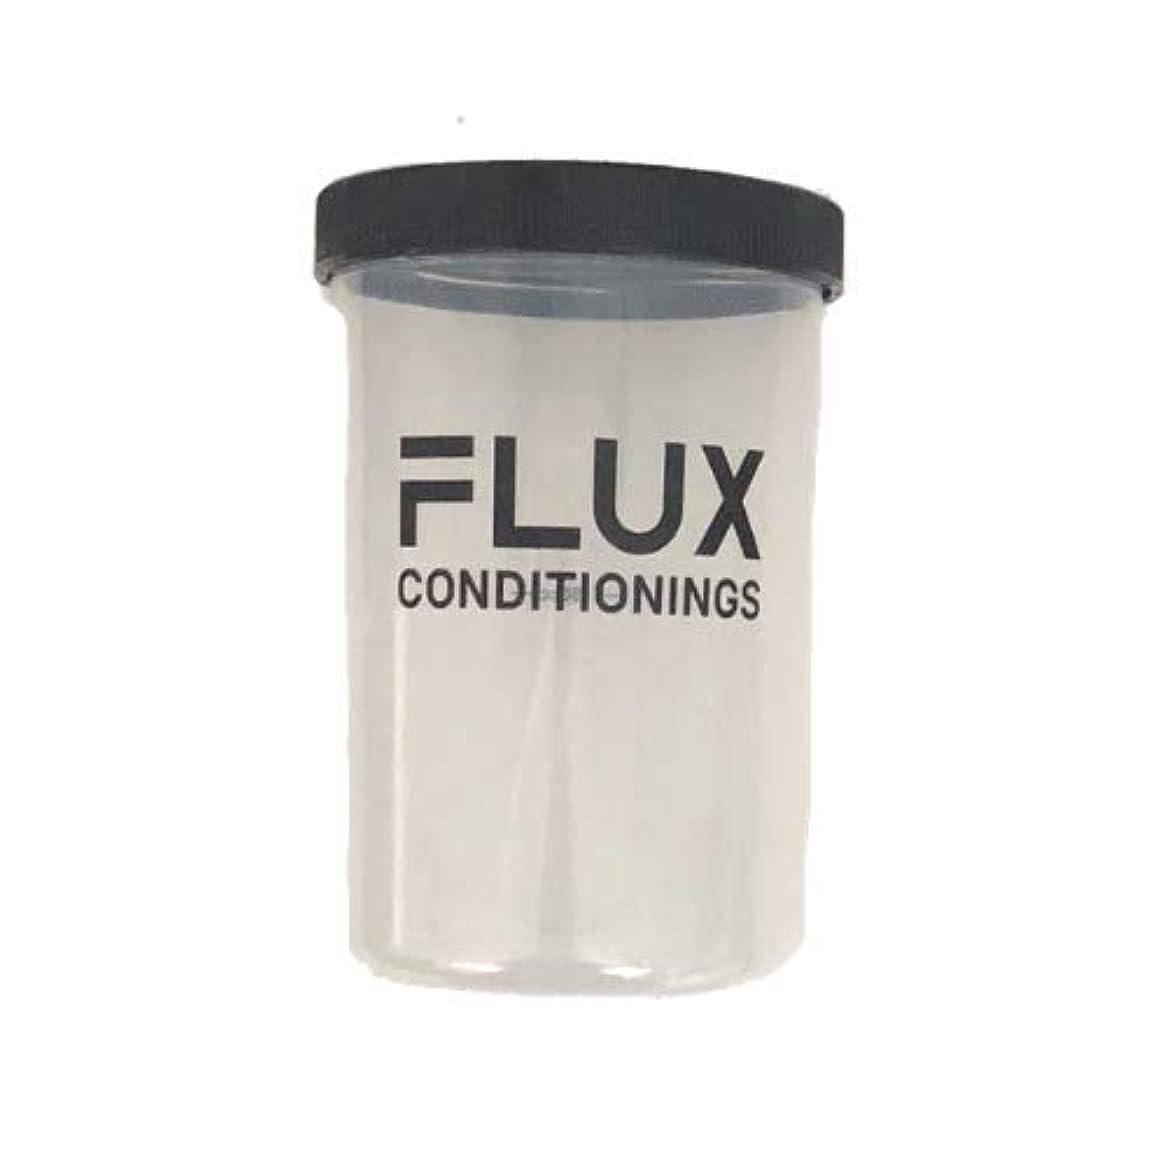 薬用時々時々パケット代官山FLUX(フラックス)ジム、プロテインシェーカー (500ml)